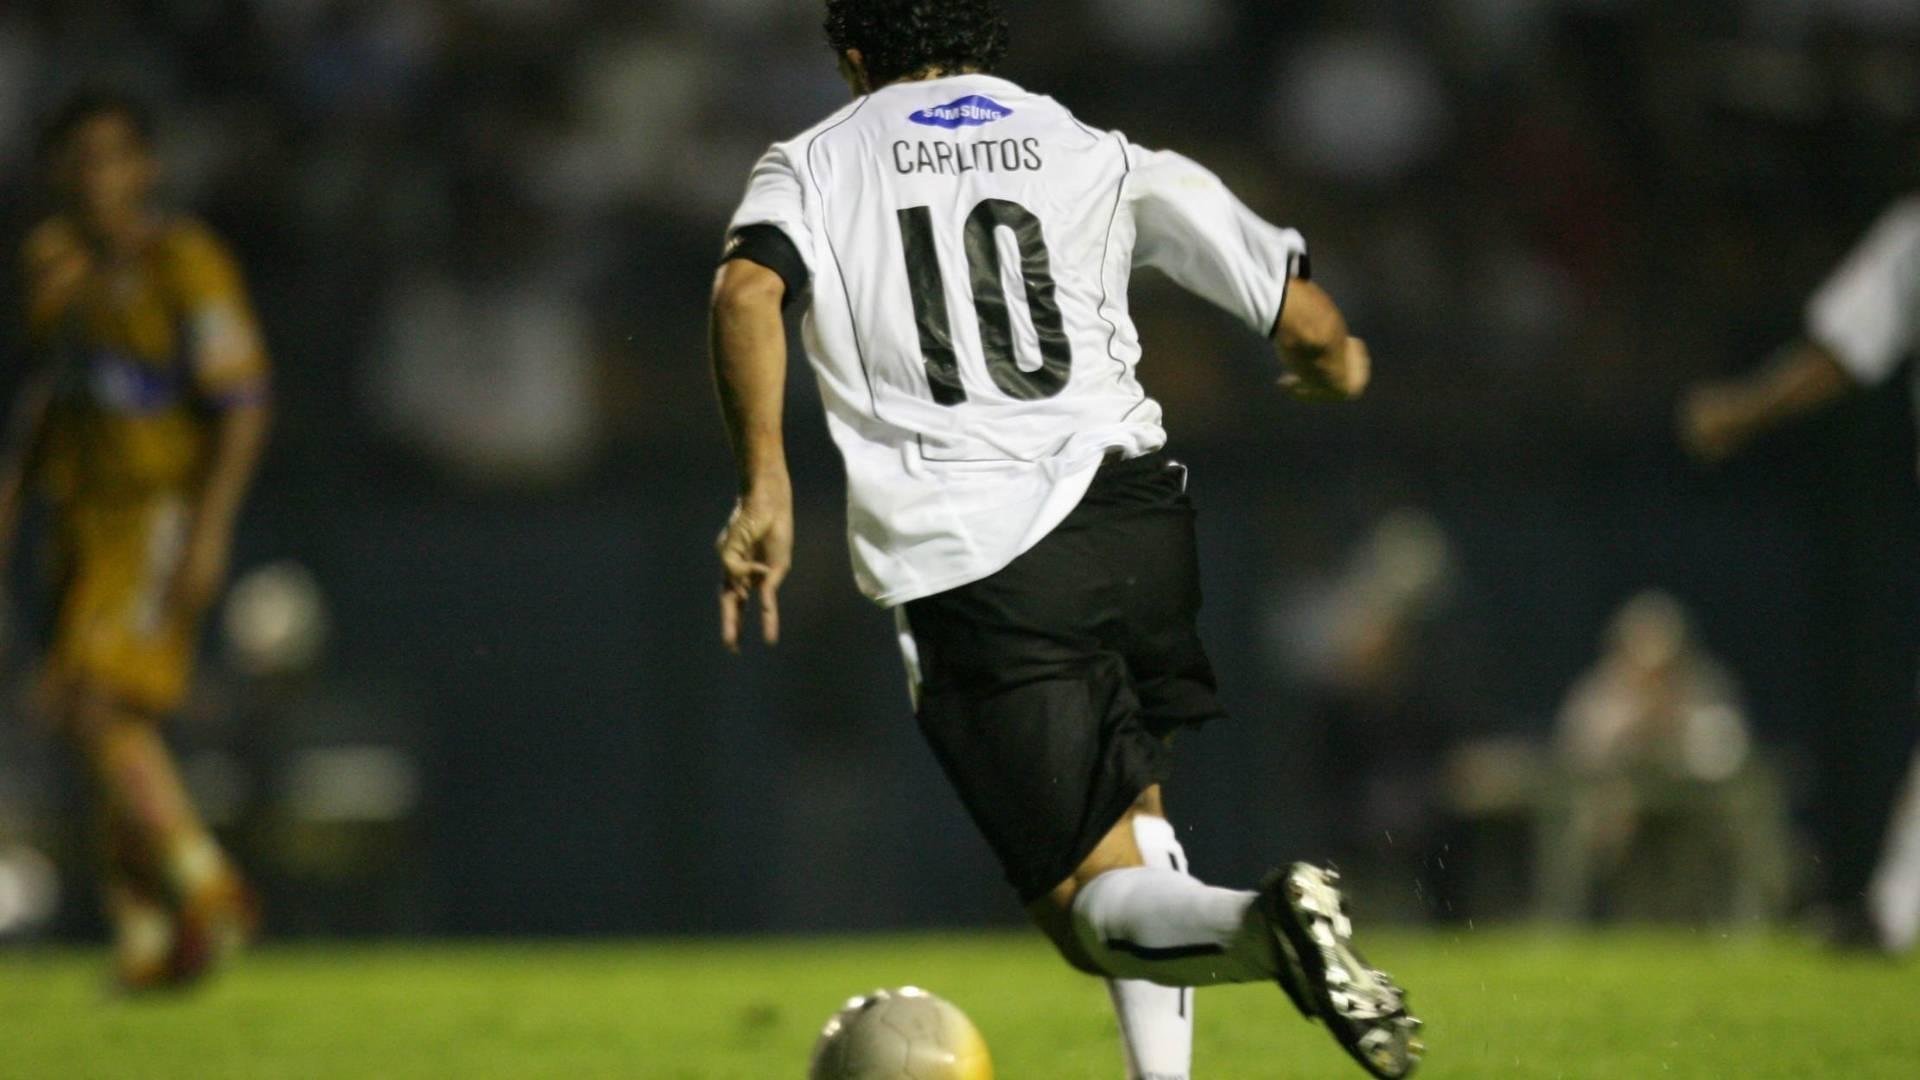 Carlito Tevez dribla antes de chutar para marcar o unico gol do jogo Corinthians x Tigres, na Libertadores